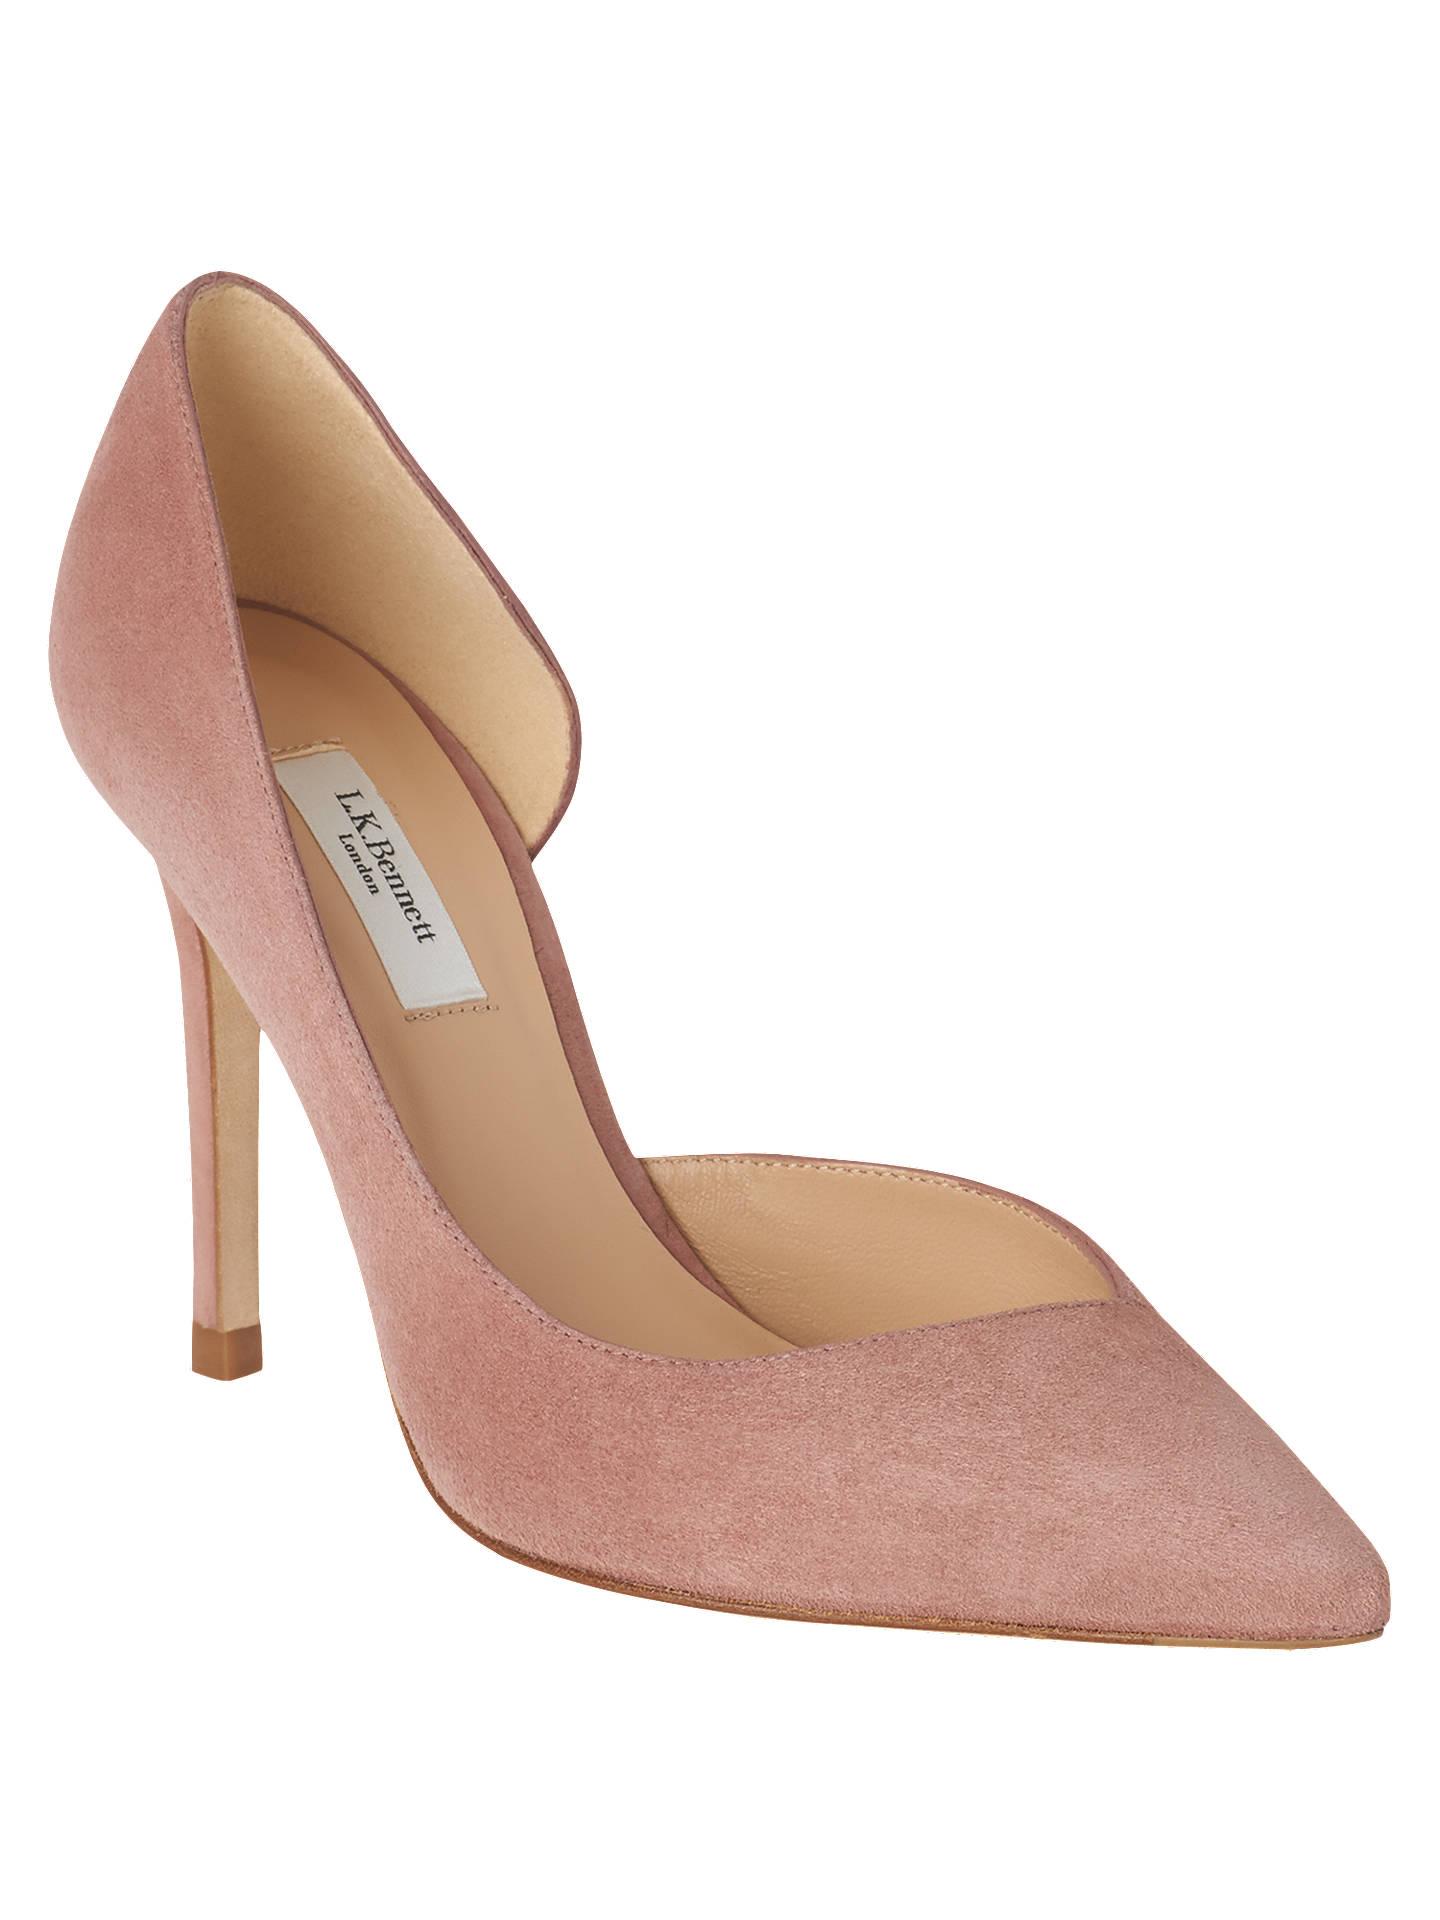 84c532e5b90 Buy L.K.Bennett Zara Open Stiletto Heel Court Shoes